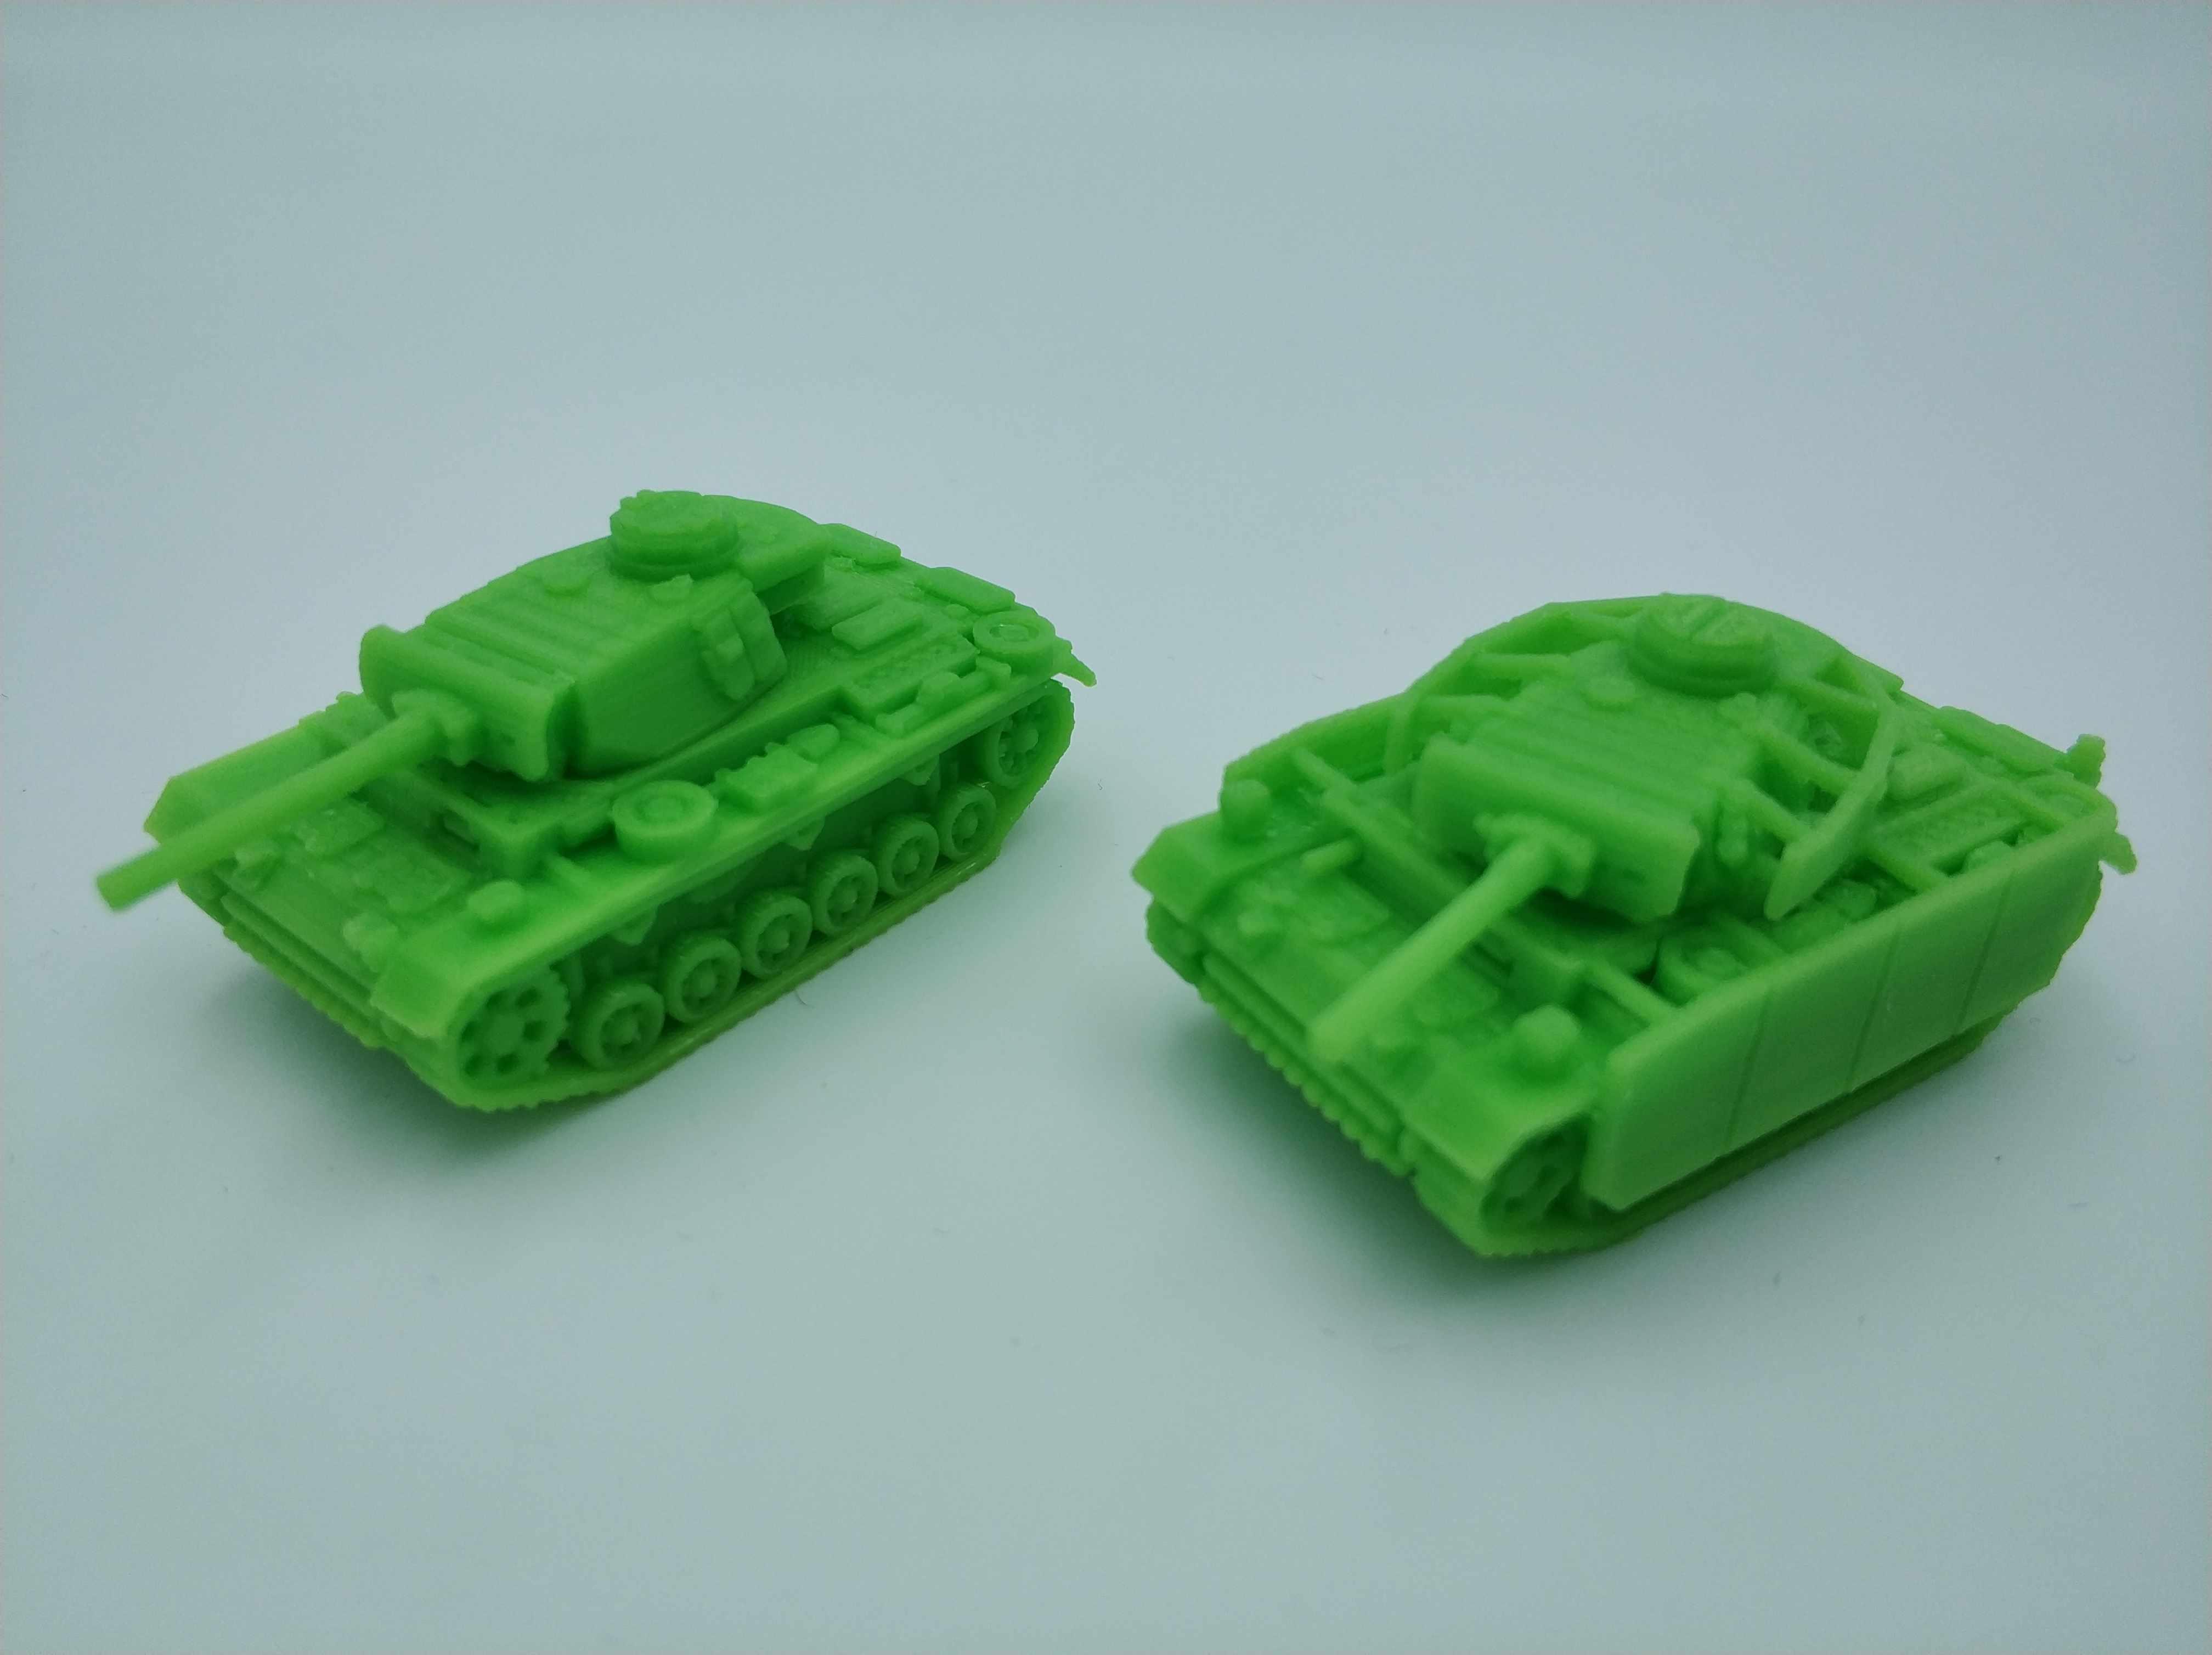 Así es como casi salen de máquina, se han retirado los soportes de impresión pero salen limpios.